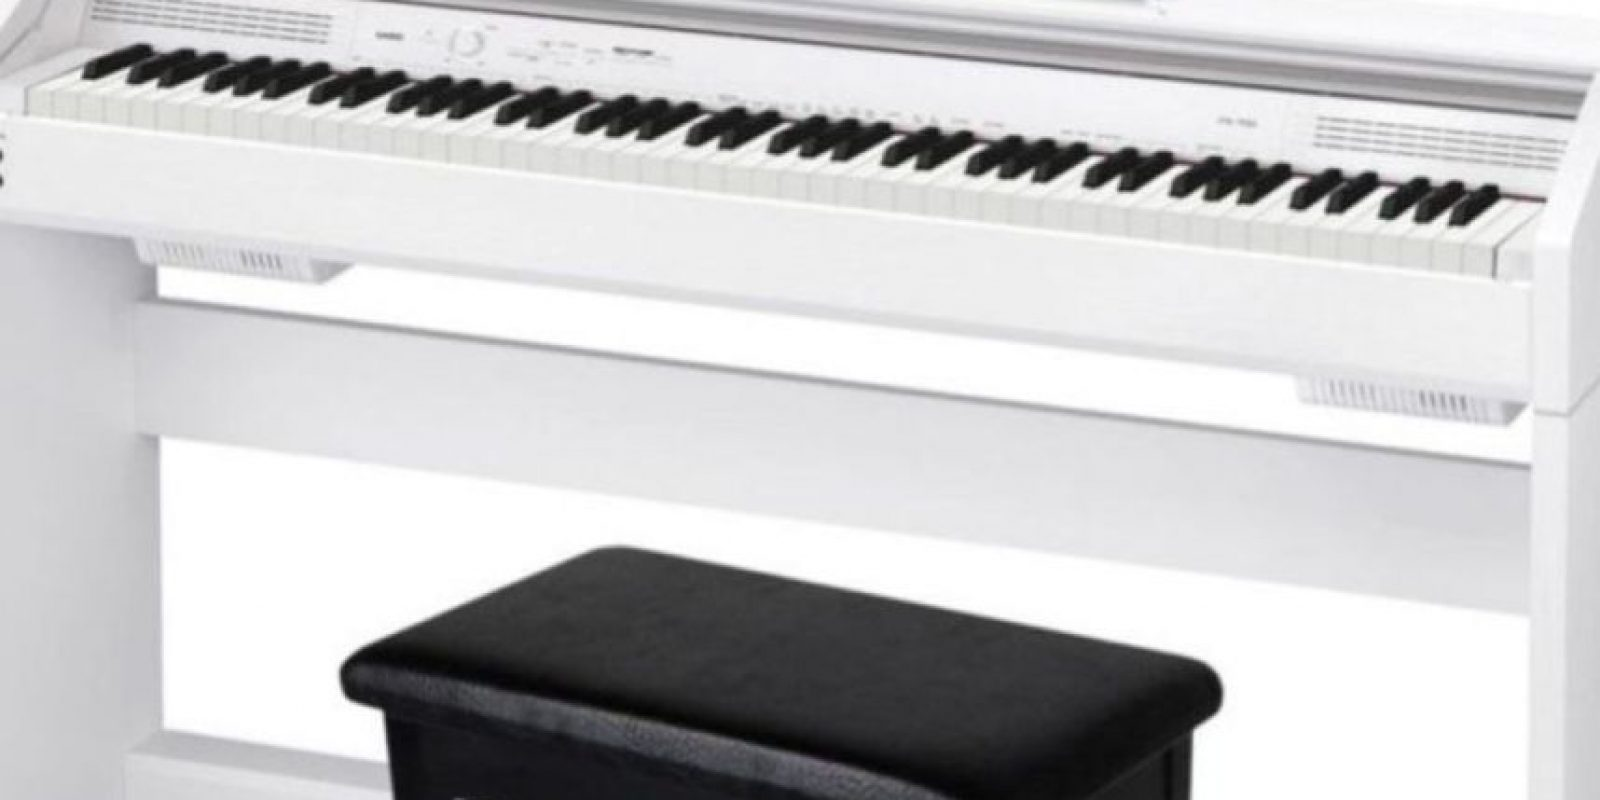 En un club de San Francisco, un portero y su novia decidieron tener relaciones sobre un piano hidráulico, por el cual poco despúes quedaron aplastados. Foto:Rkwanten